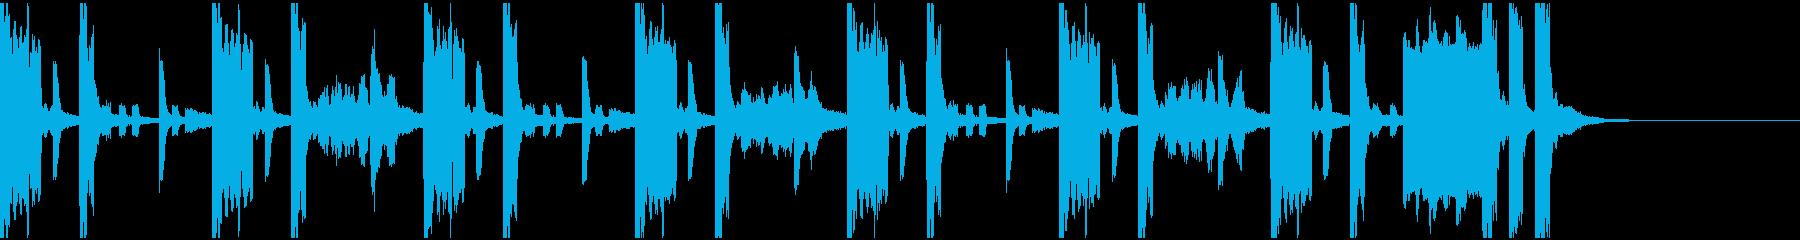 クイズの考え中BGM【15秒】の再生済みの波形